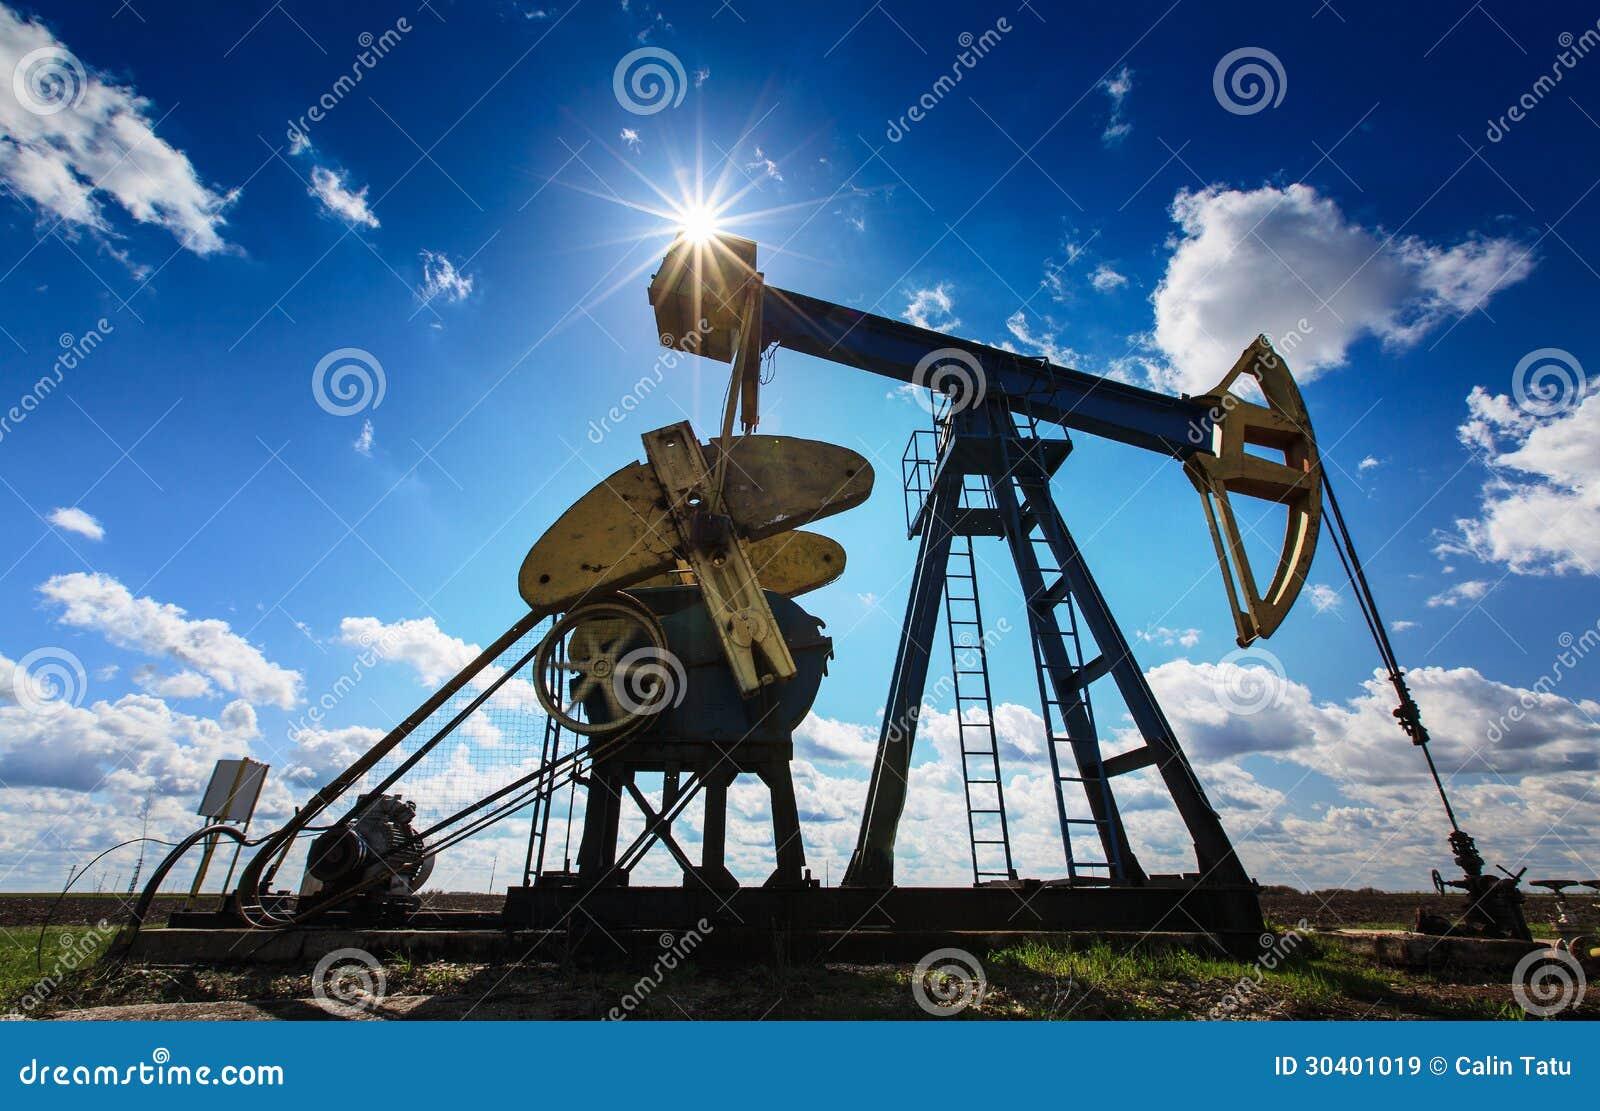 Funktionierende Öl- und Gassonde profiliert auf sonnigem Himmel